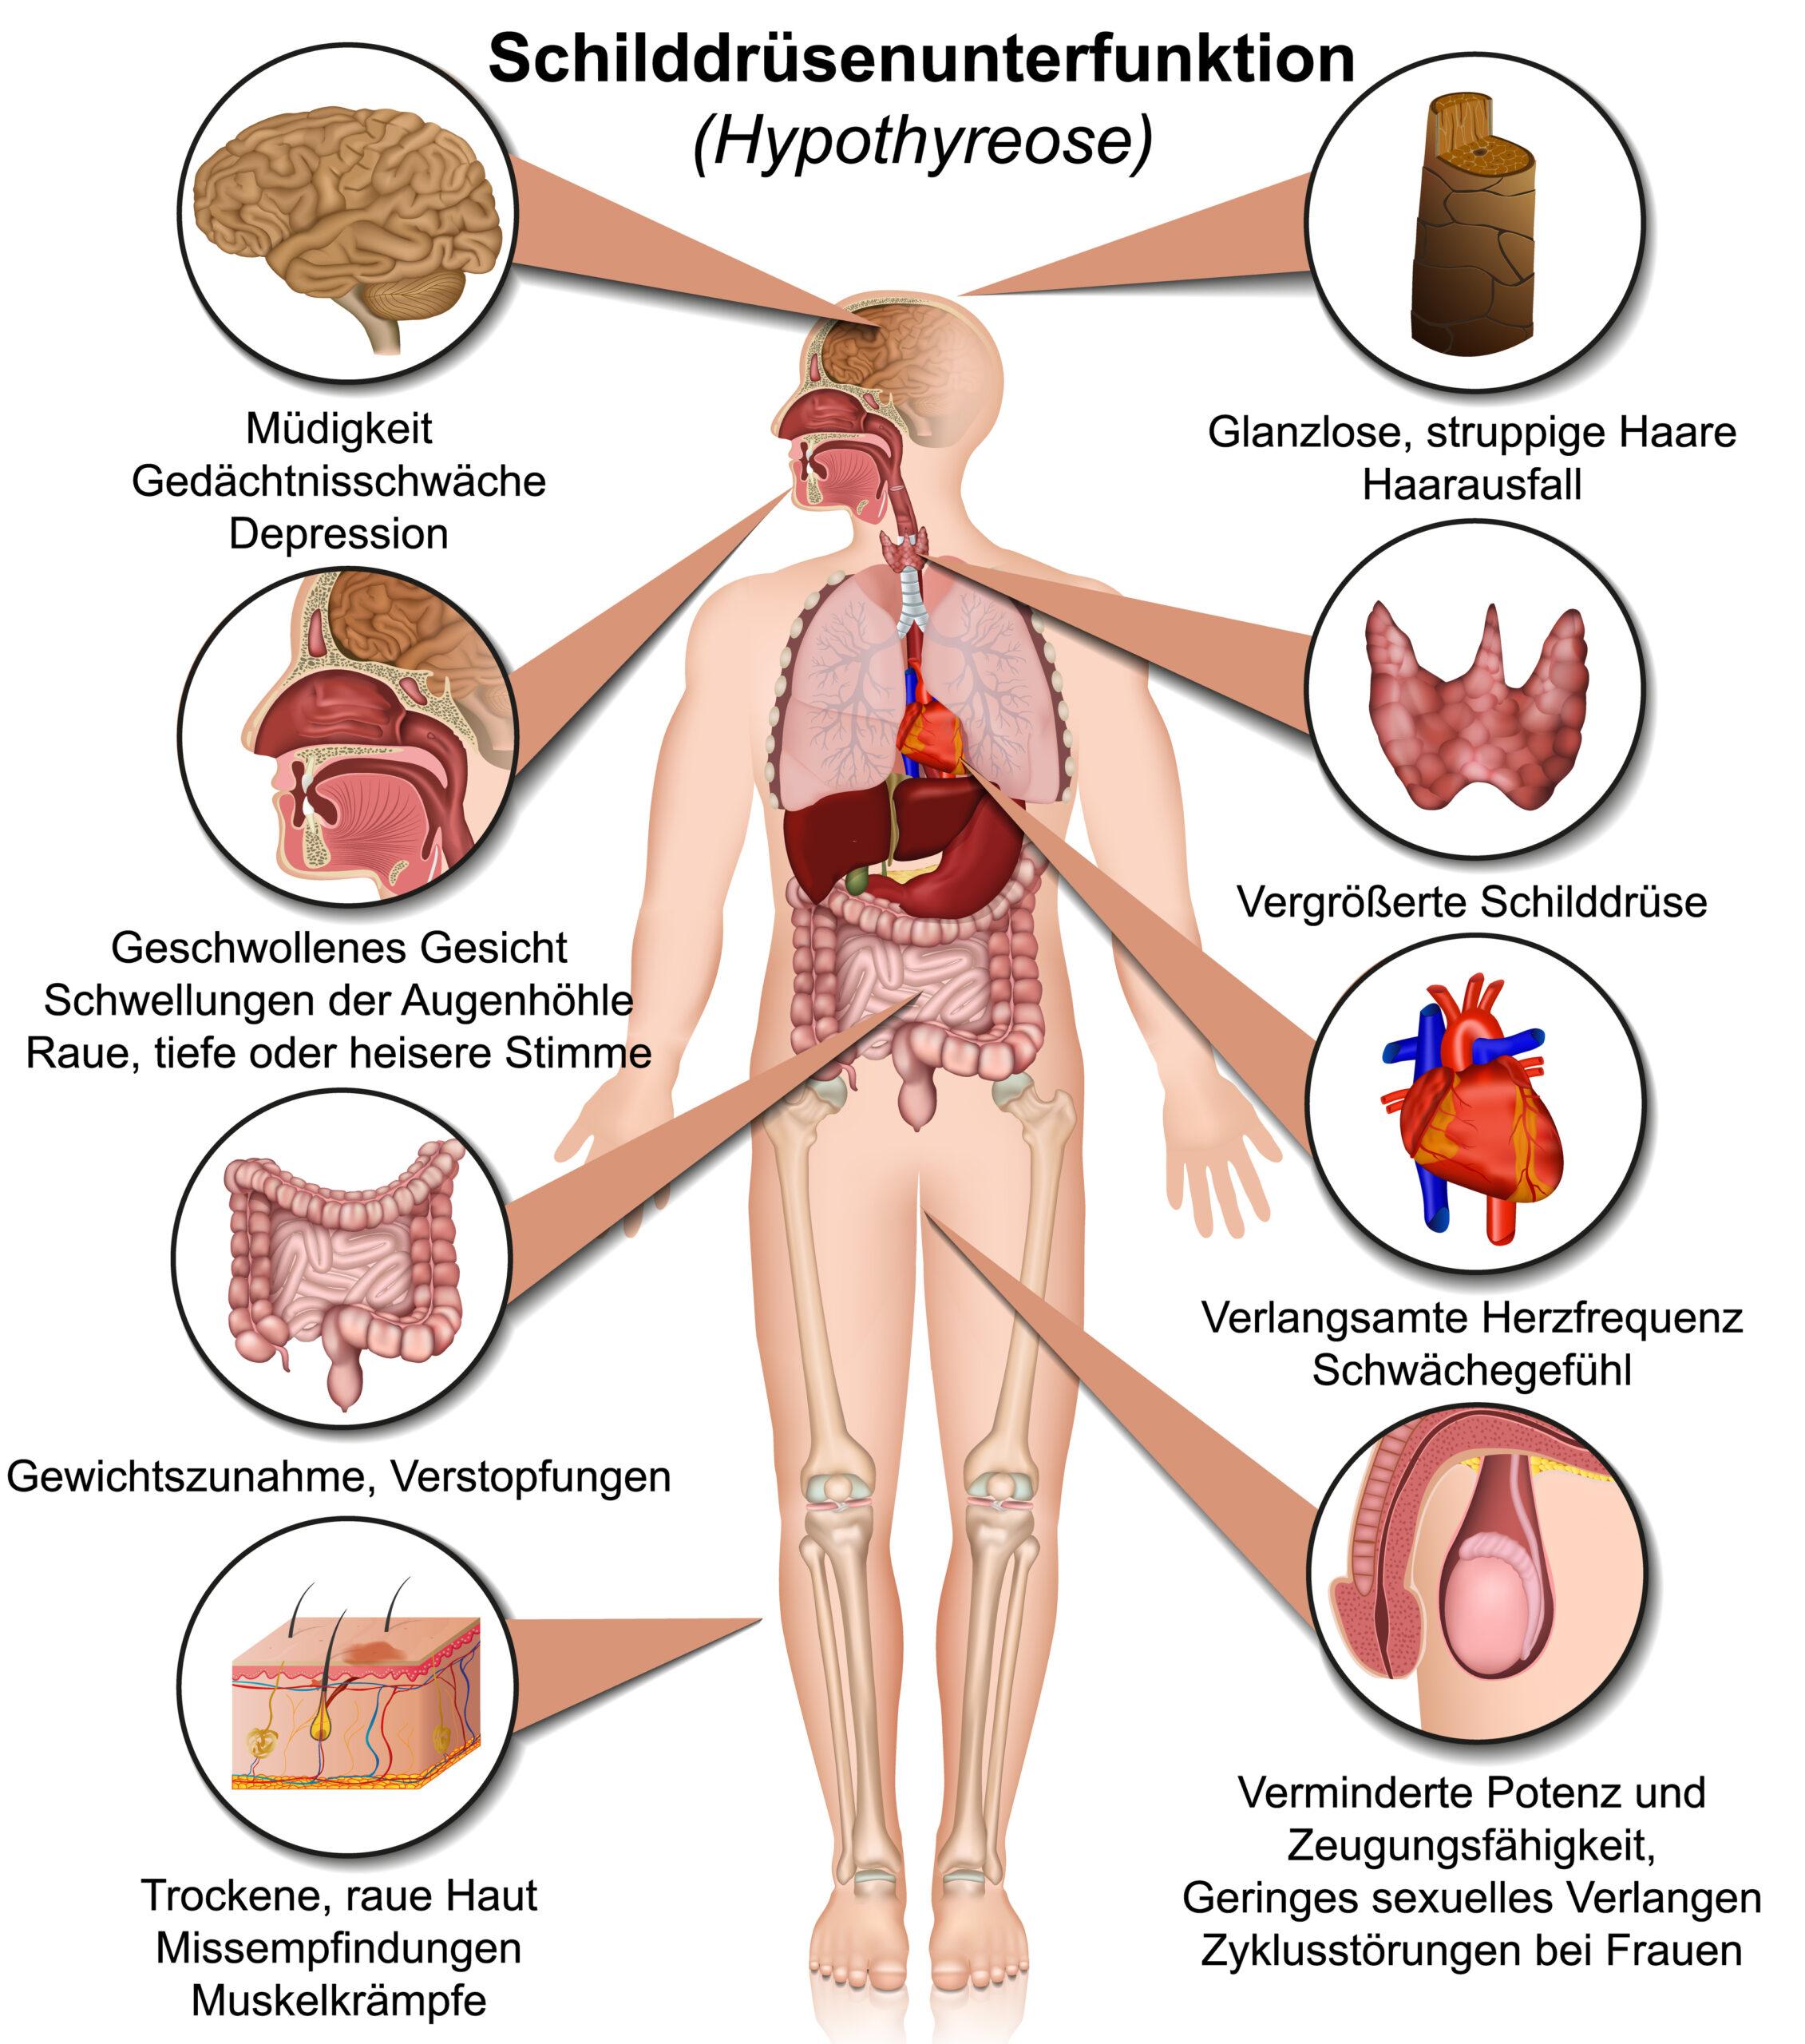 Schilddrüsenunterfunktion